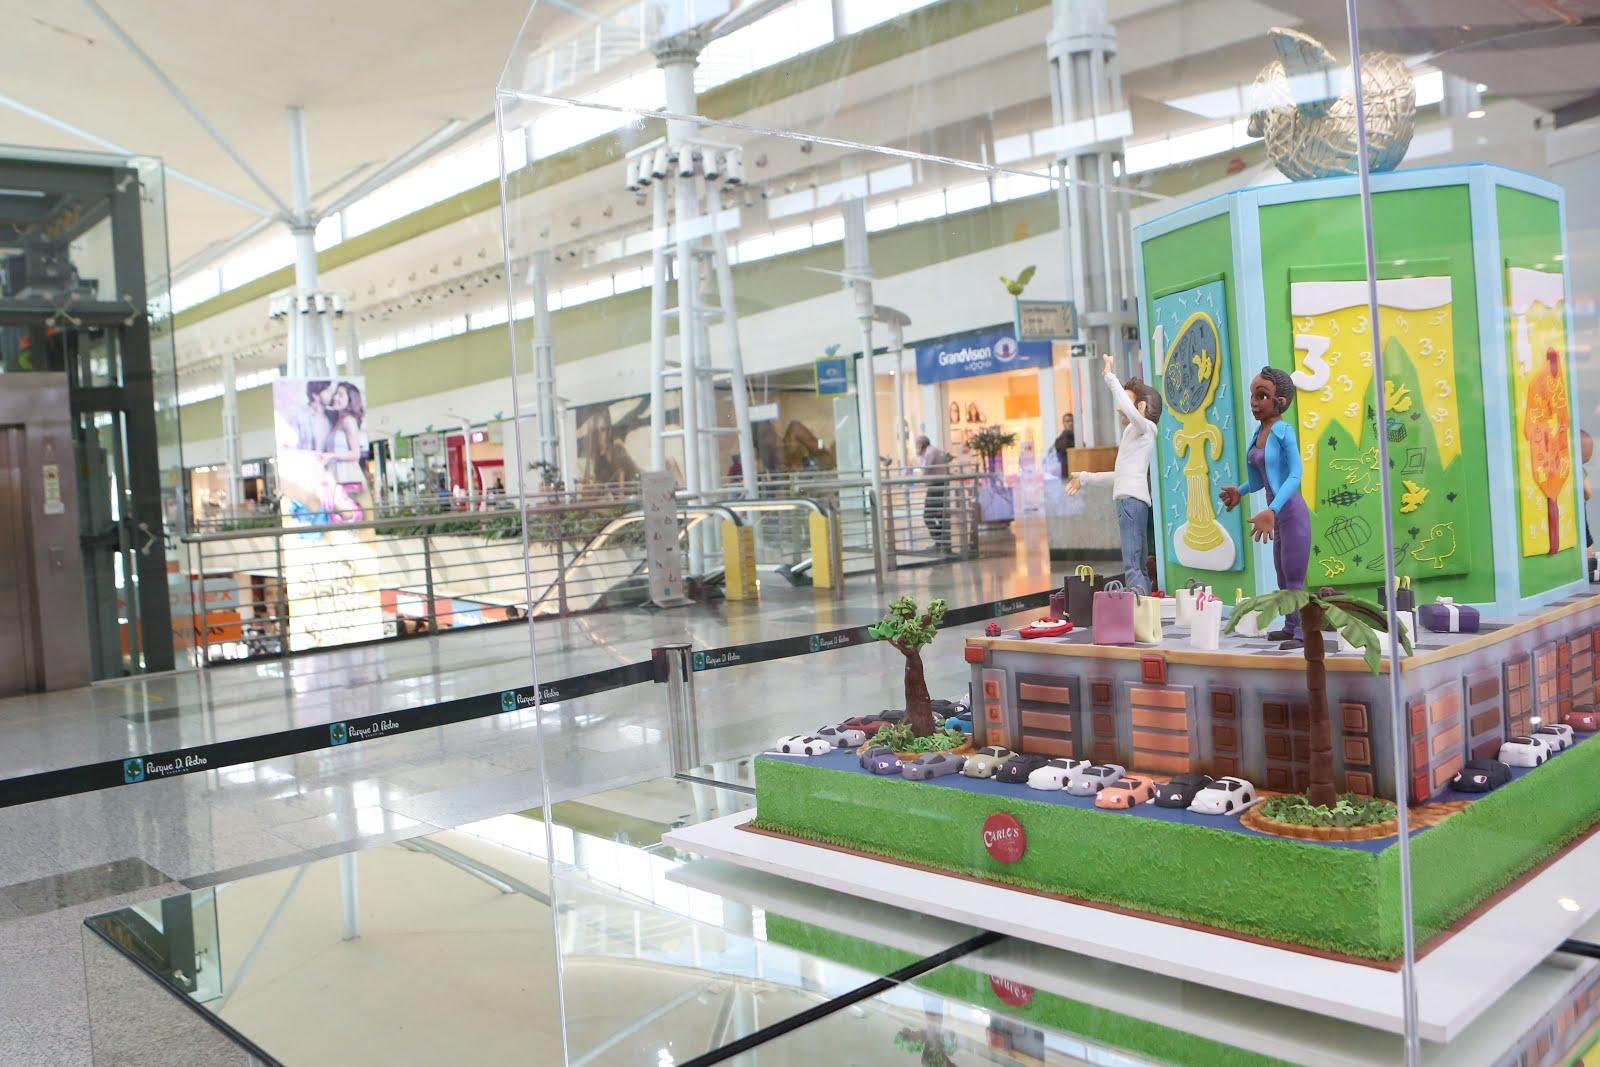 Parque D. Pedro Shopping faz 15 anos e celebra data com bolo gigante ... 0f4a015114